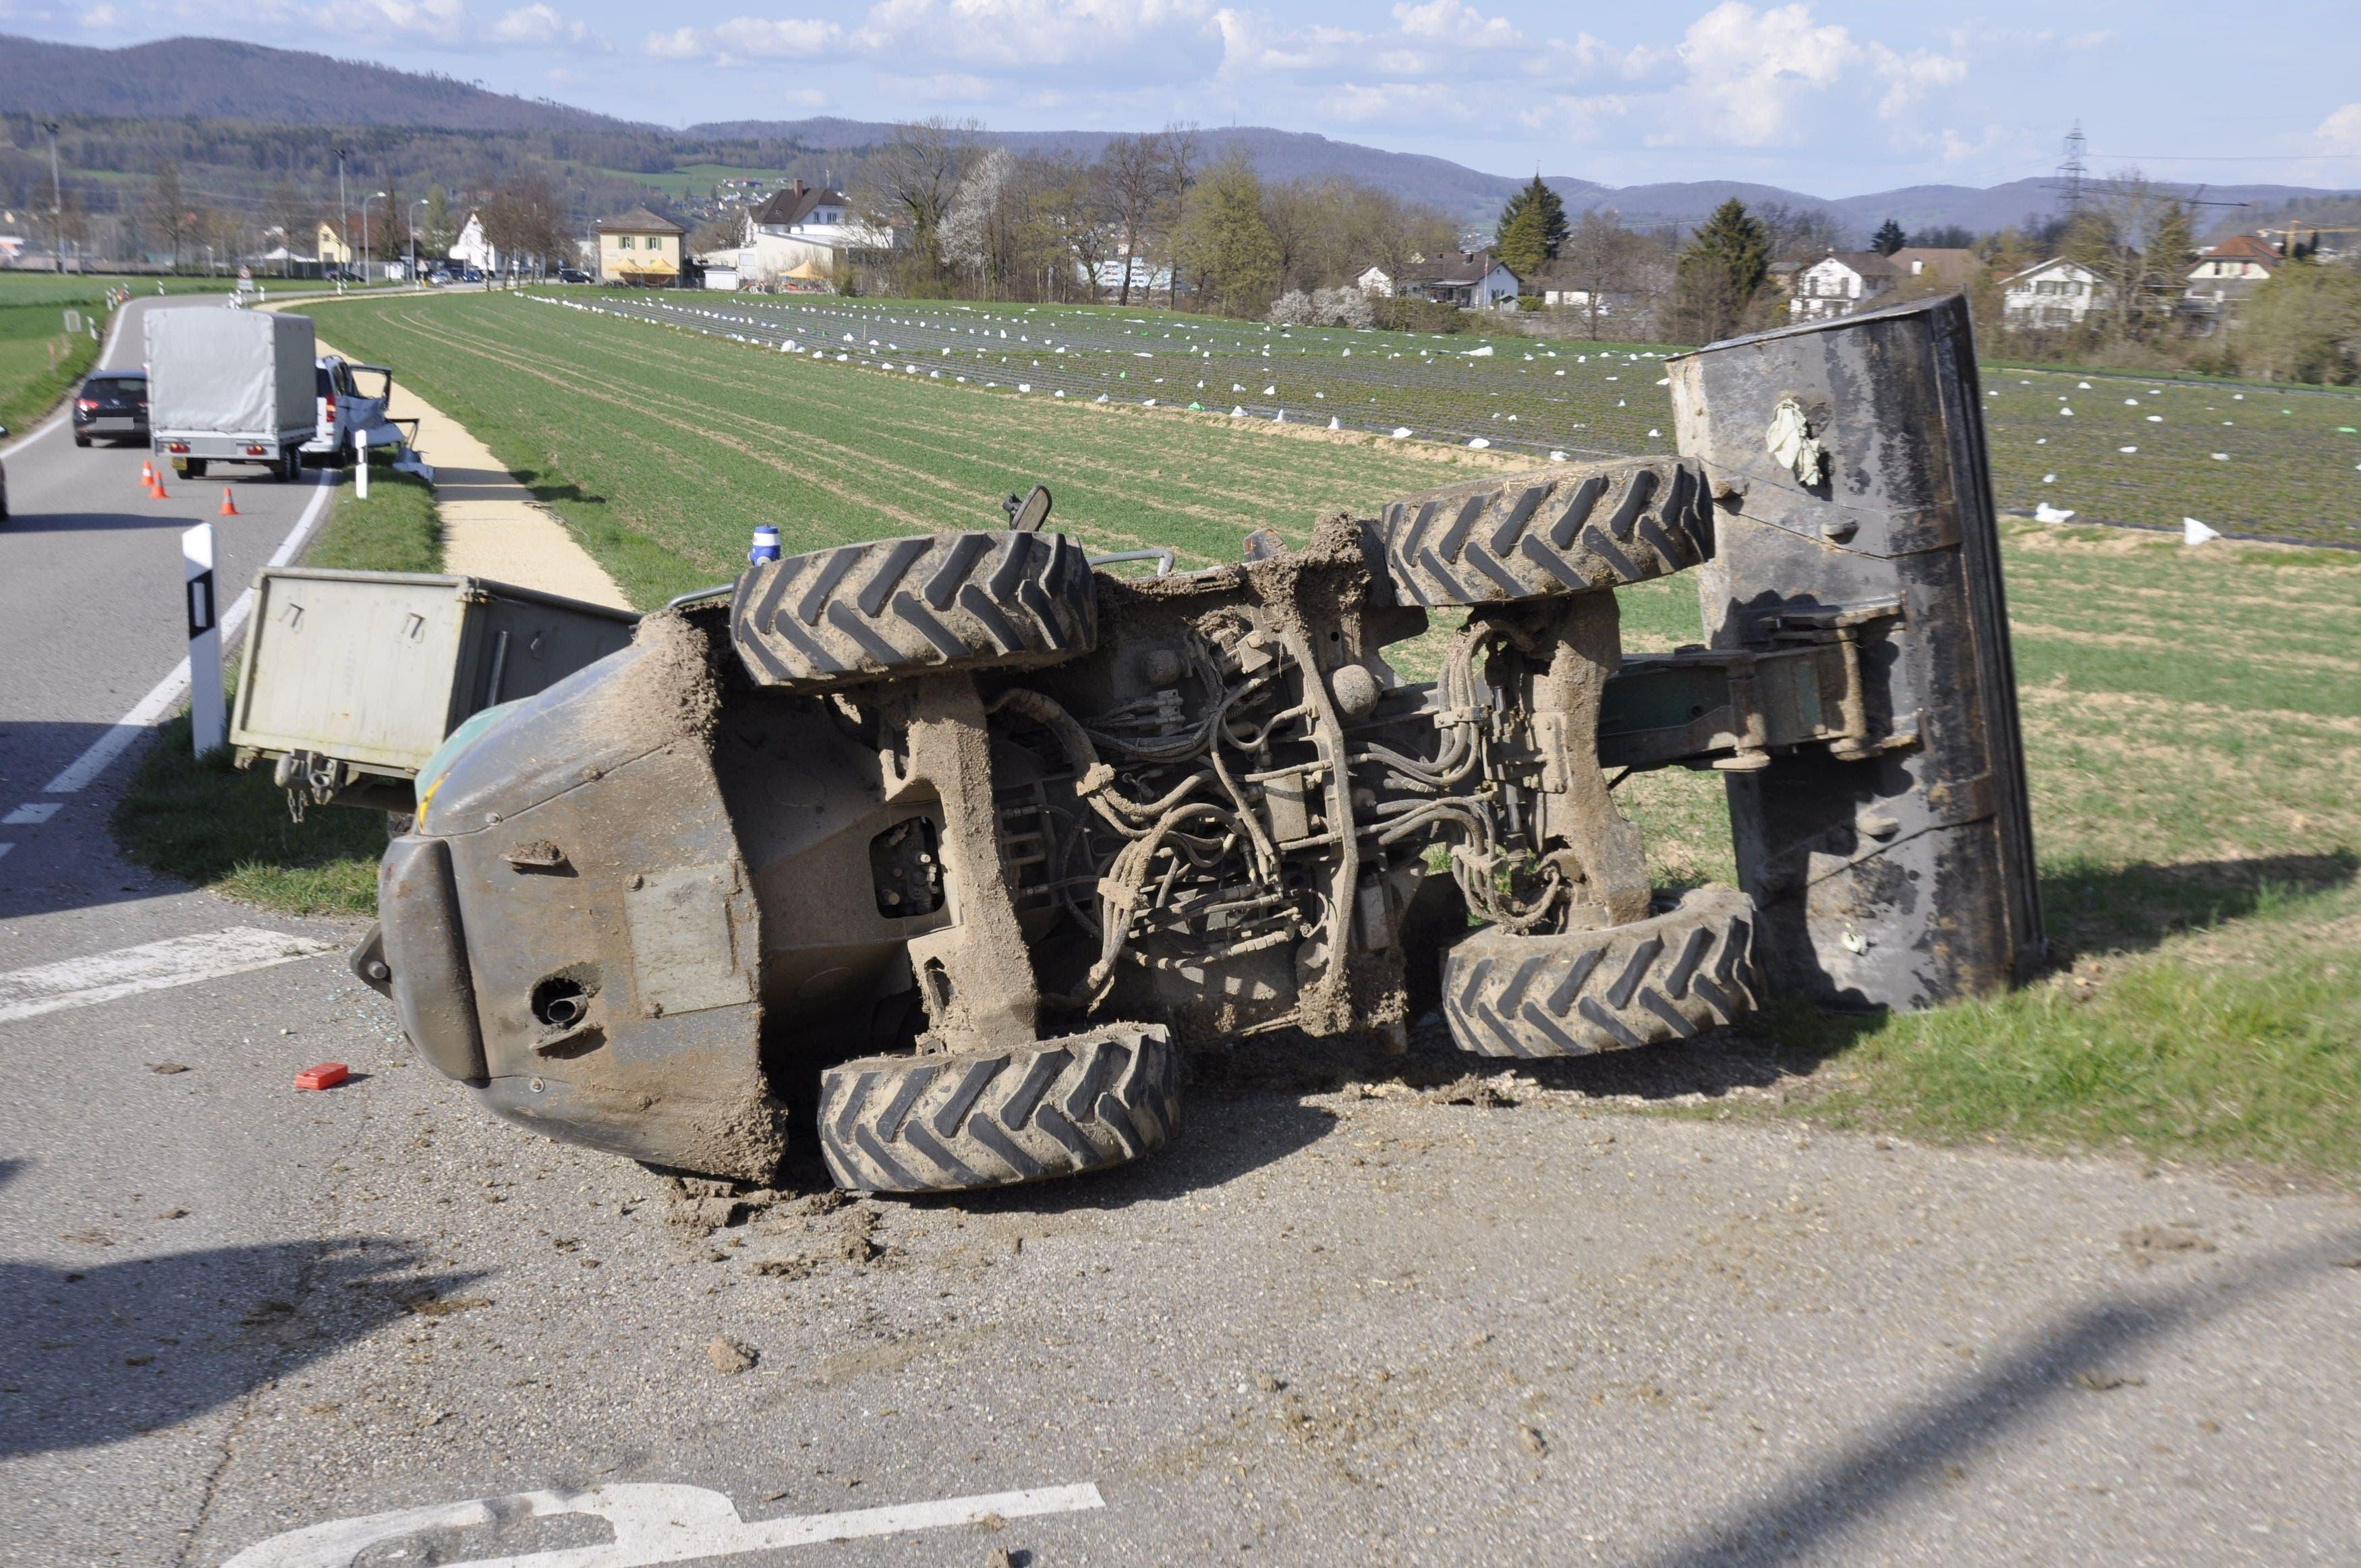 Das landwirtschaftliche Fahrzeug kollidierte mit einem anderen Auto und kippte um.